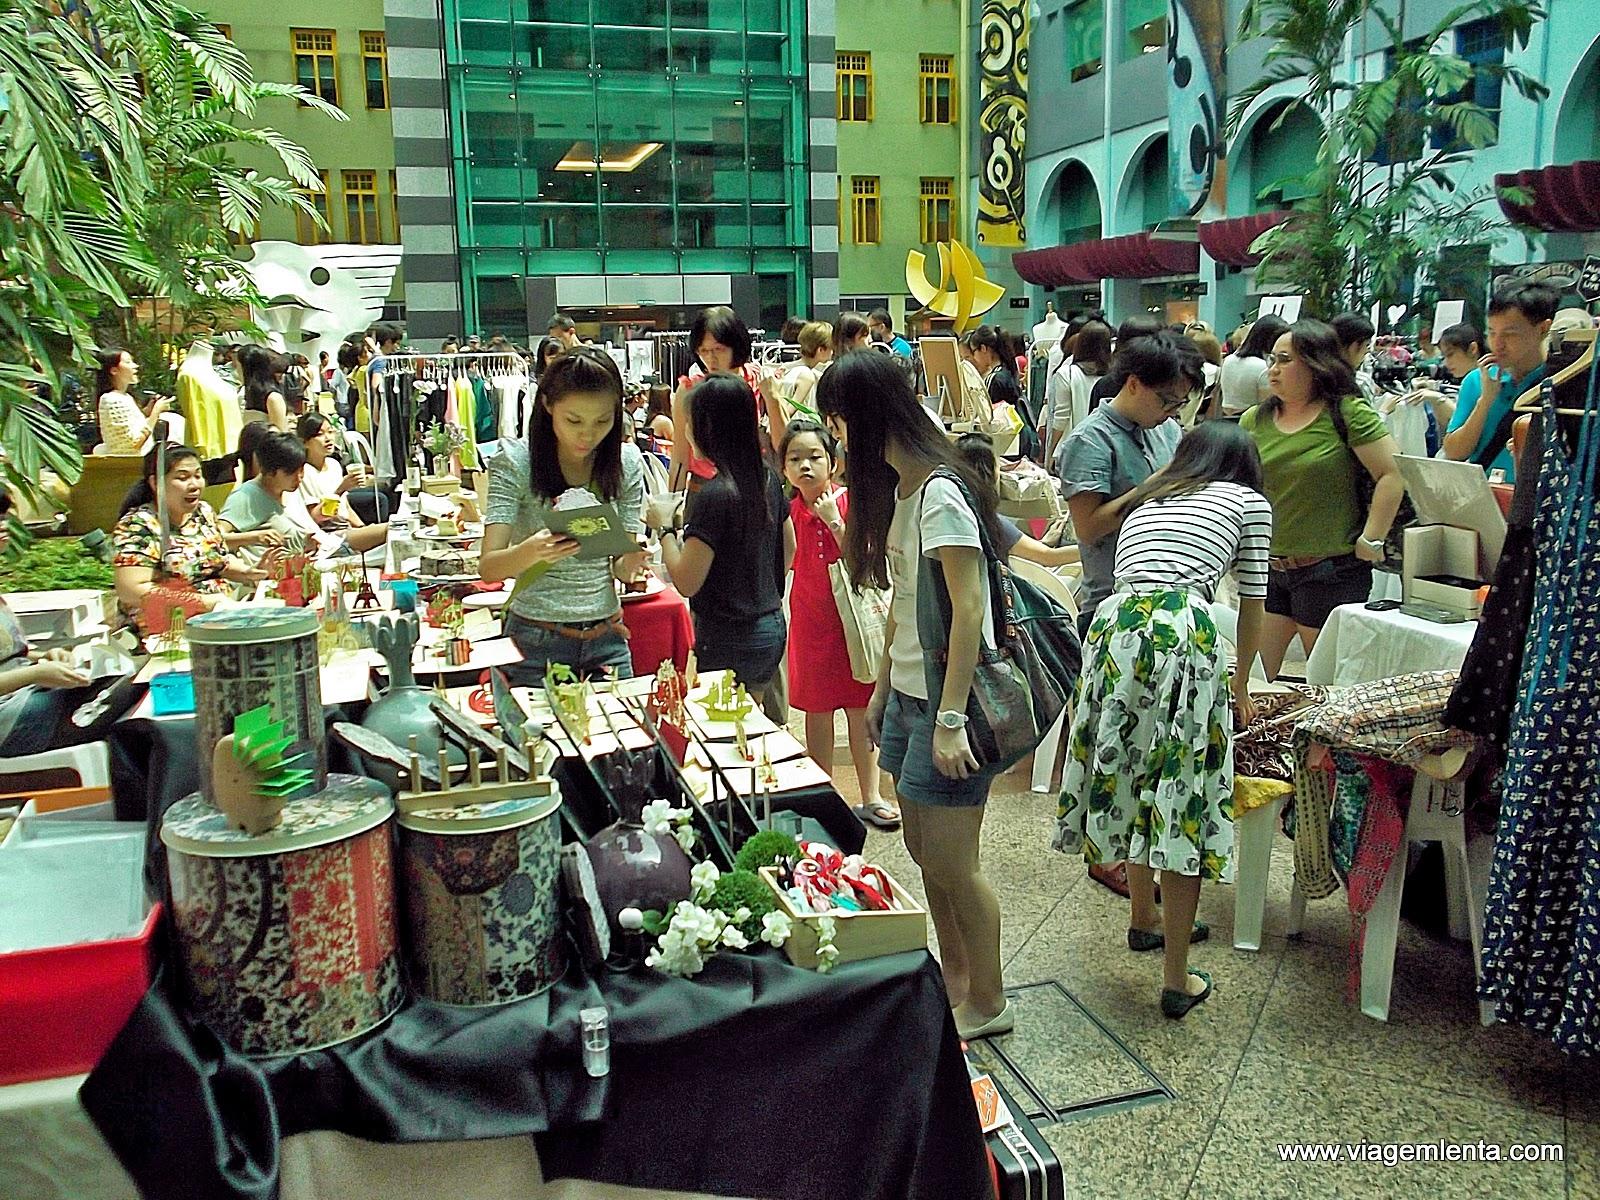 A viagem à Cingapura: capitalismo e liberdade econômica a serviço das pessoas. Visitas à Marina Bay, arborismo, Fort Canning e o fantástico Jardim Botânico.